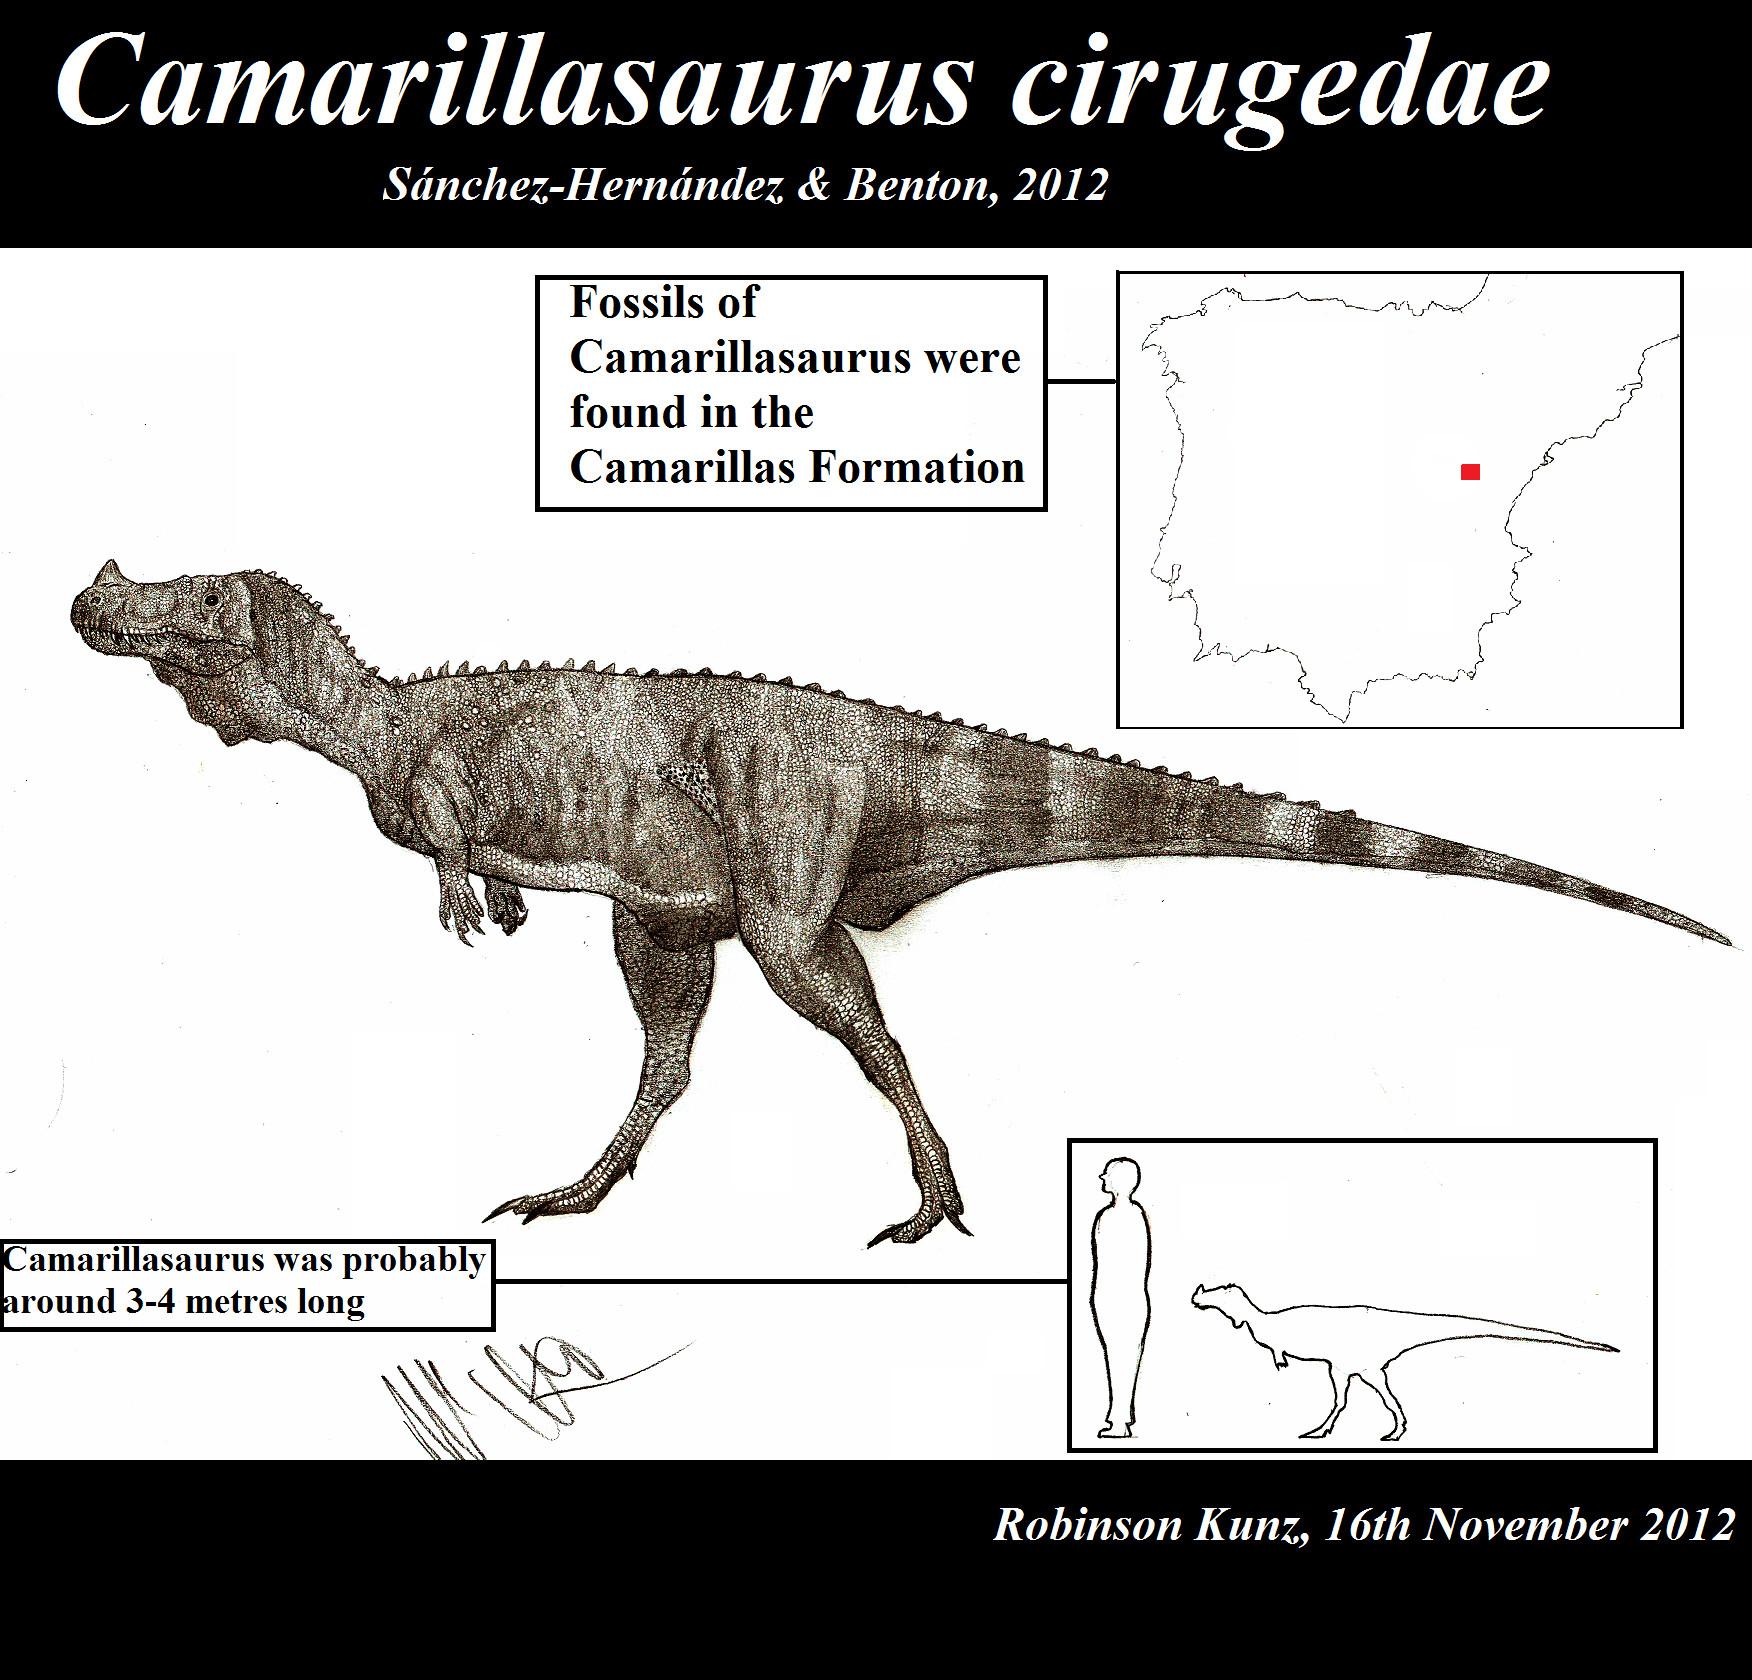 Camarillasaurus cirugedae